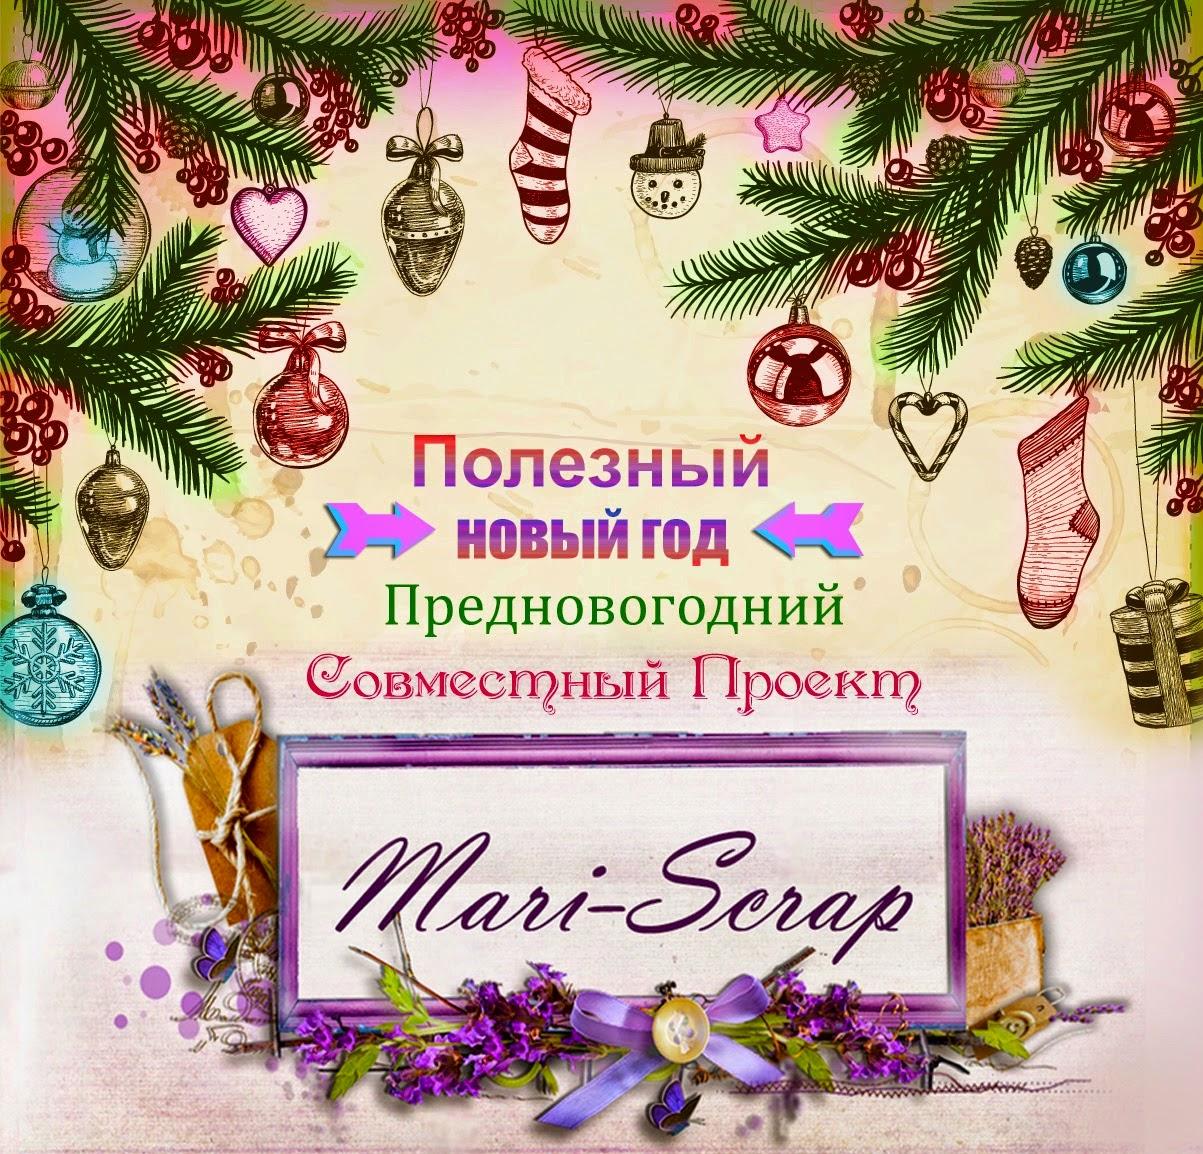 """Участвую в СП """"Полезный Новый Год"""" с блогом Mari-Scrap"""